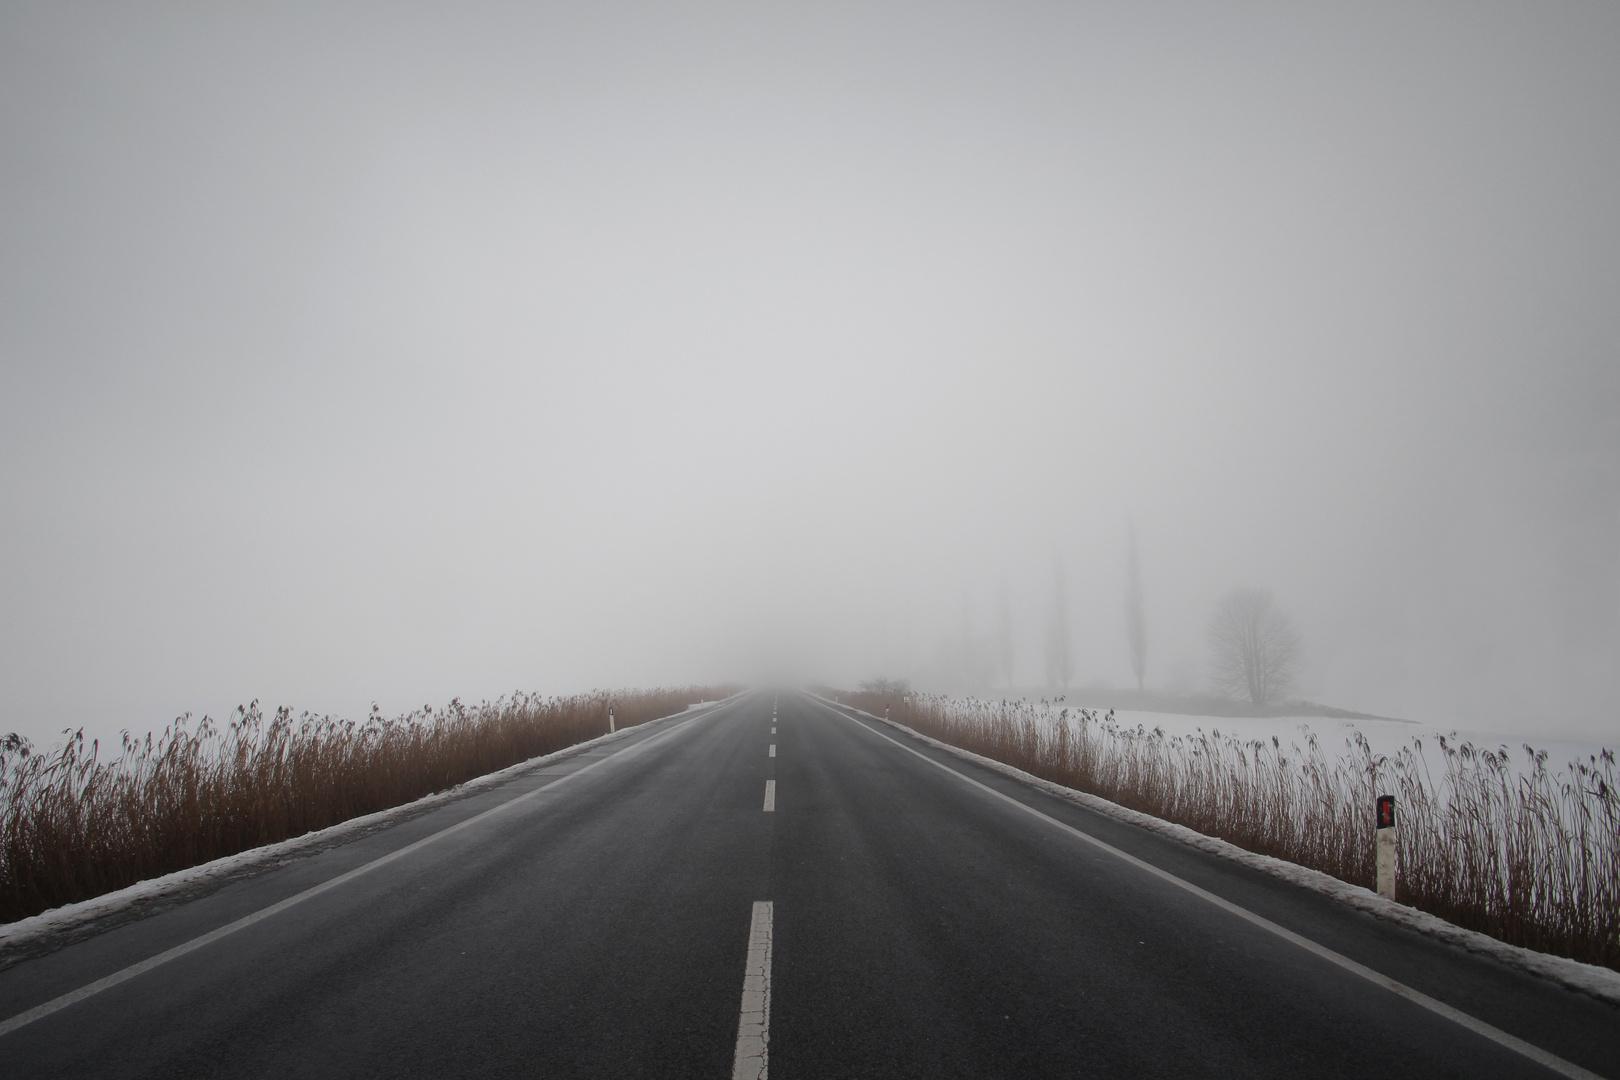 Wohin führt die Straße wohl?